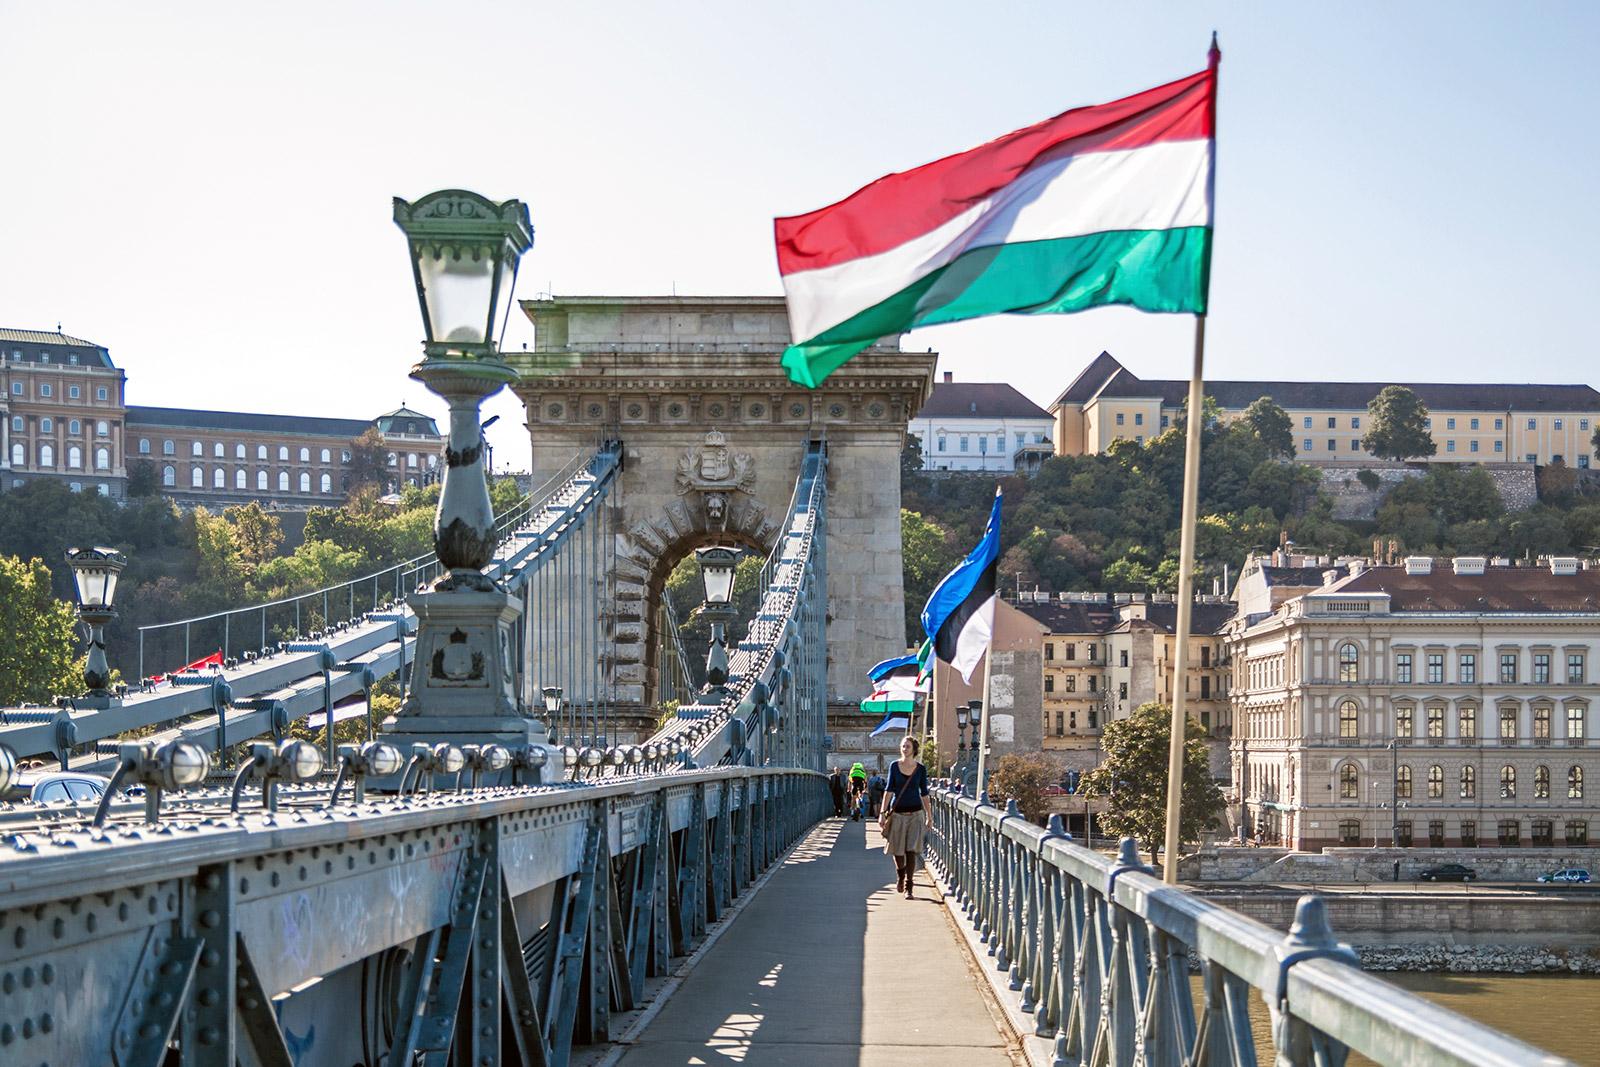 Венгерский флаг развивается на мосту